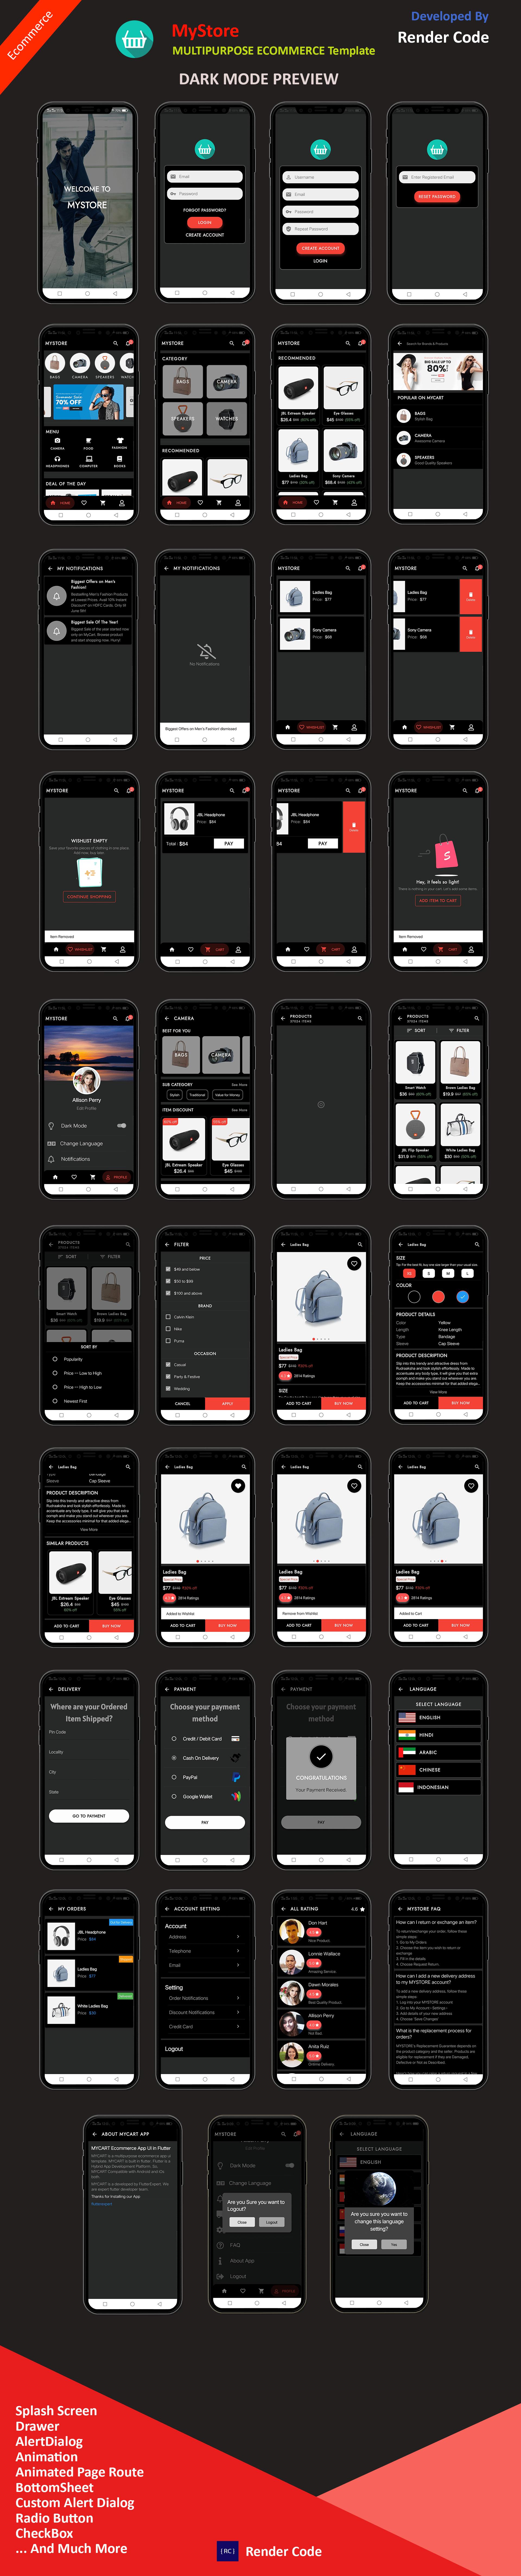 StunningKit - Biggest Flutter App Template Kit (15 App Template) - 12